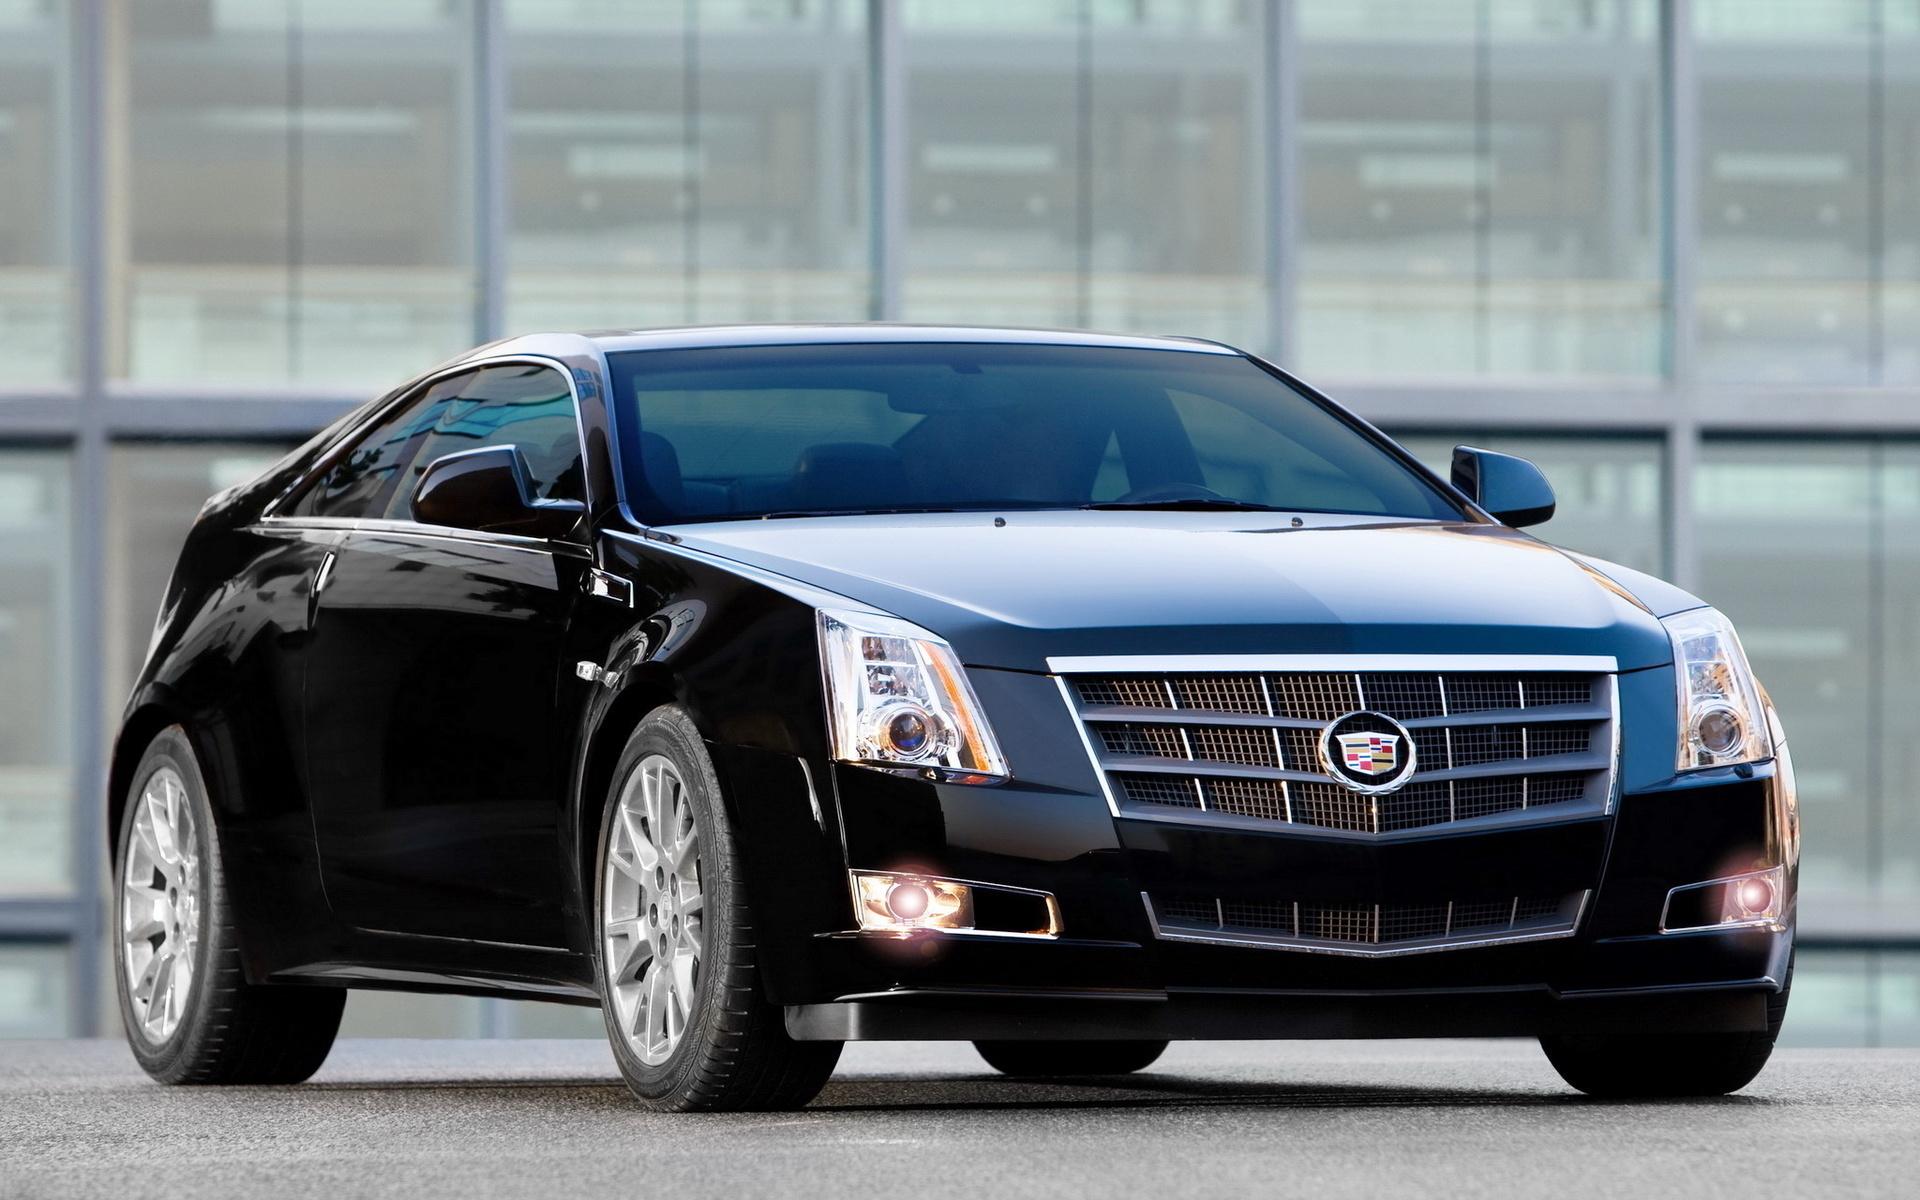 25601 скачать обои Транспорт, Машины, Кадиллак (Cadillac) - заставки и картинки бесплатно